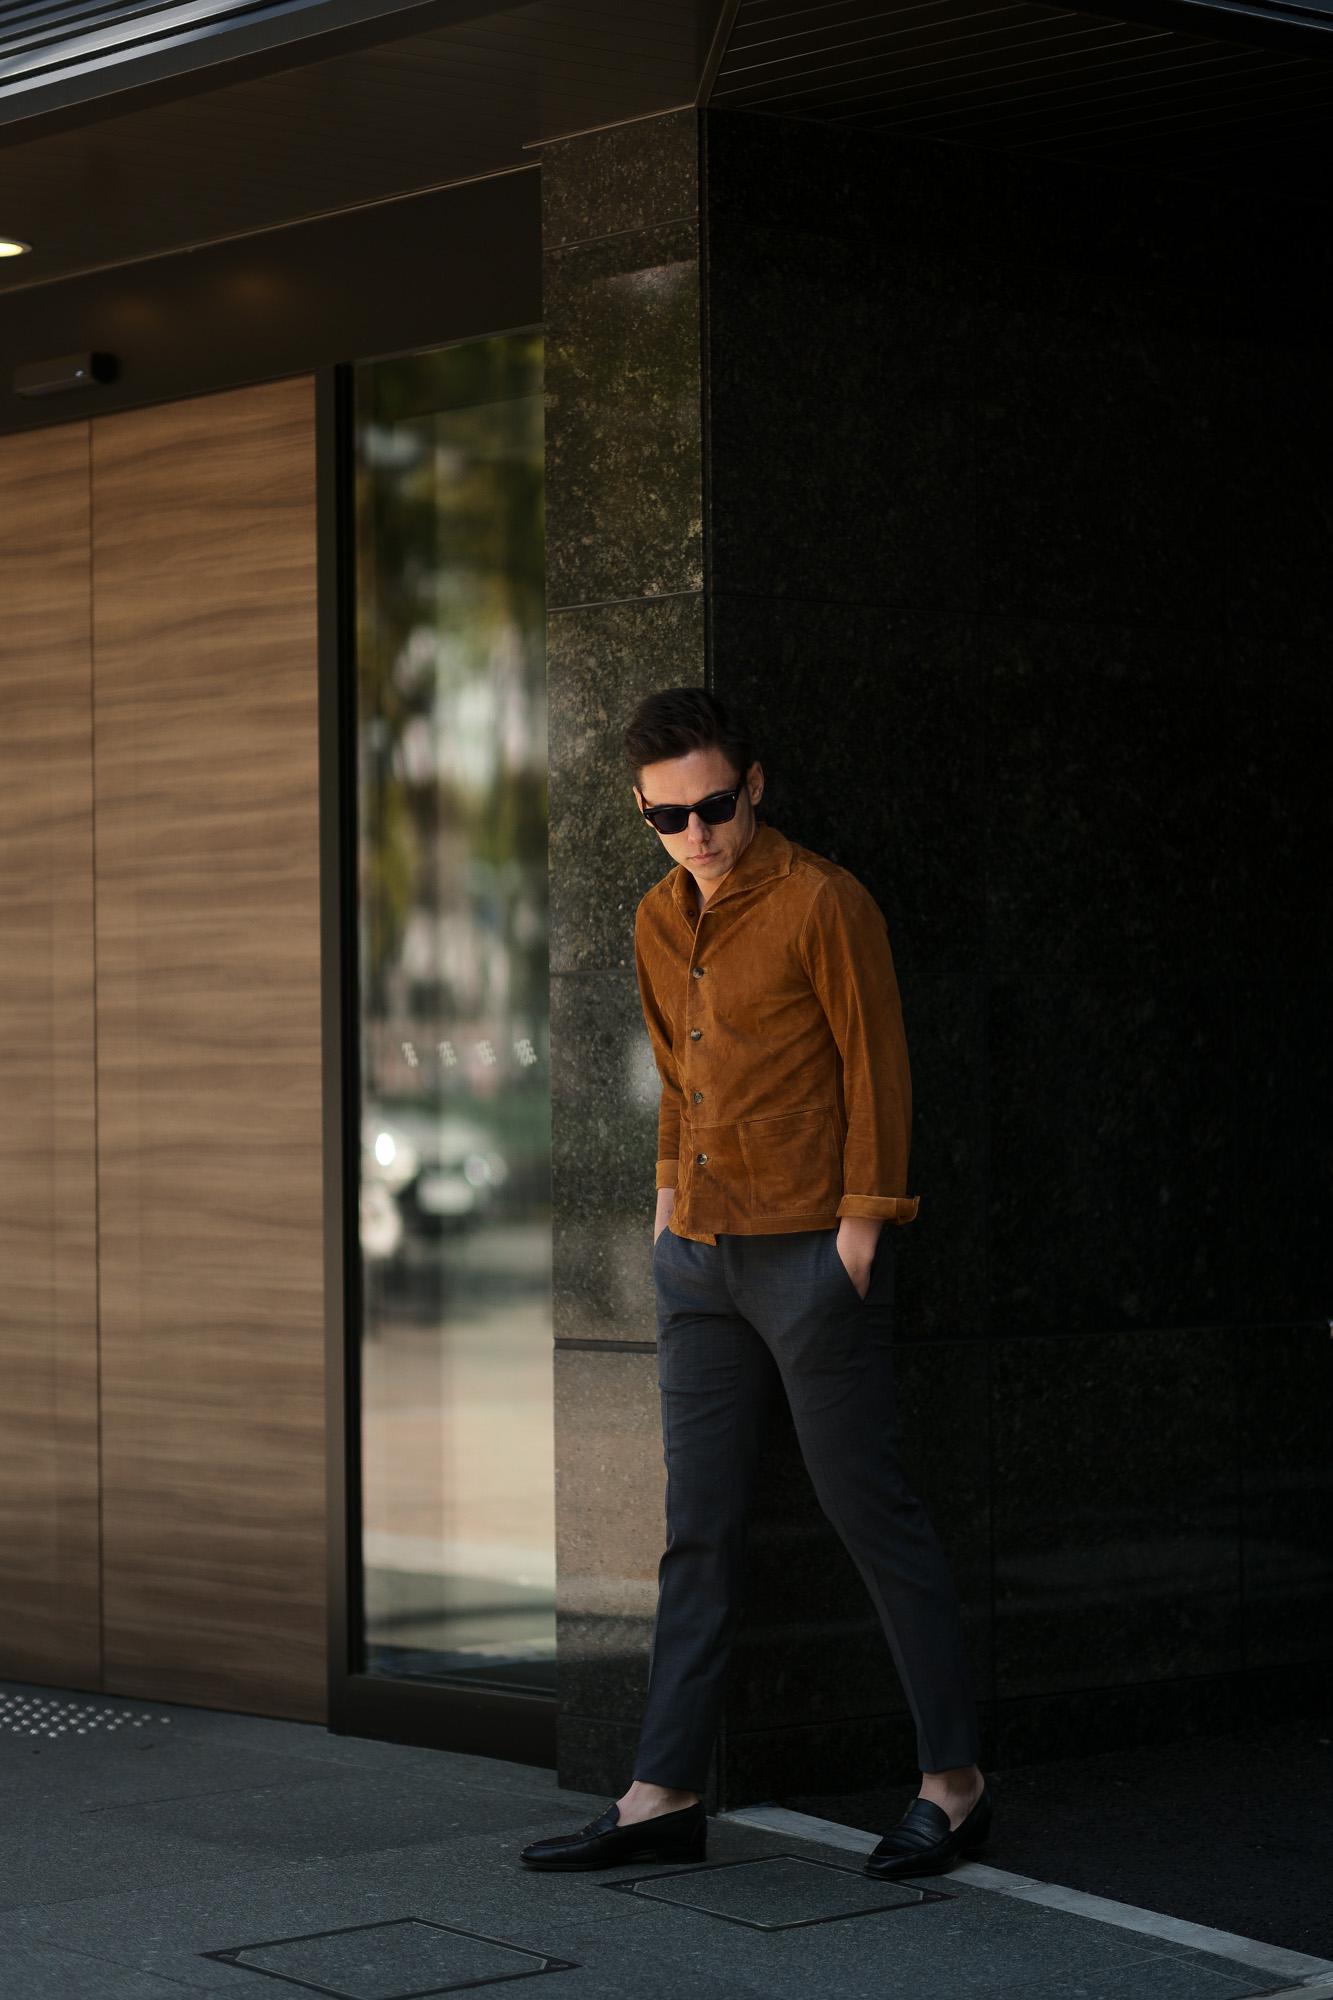 Alfredo Rifujio (アルフレード リフージオ) SS326 CAMOSCIO Summer Suede Leather Shirts サマースウェード レザーシャツ CAMEL (キャメル) made in italy (イタリア製) 2019 春夏新作  alfredorifujio アルフレードリフージオ 愛知 名古屋 Alto e Diritto アルト エ デリット alto e diritto アルトエデリット レザージャケット 素肌にレザー 42,44,46,48,50,52